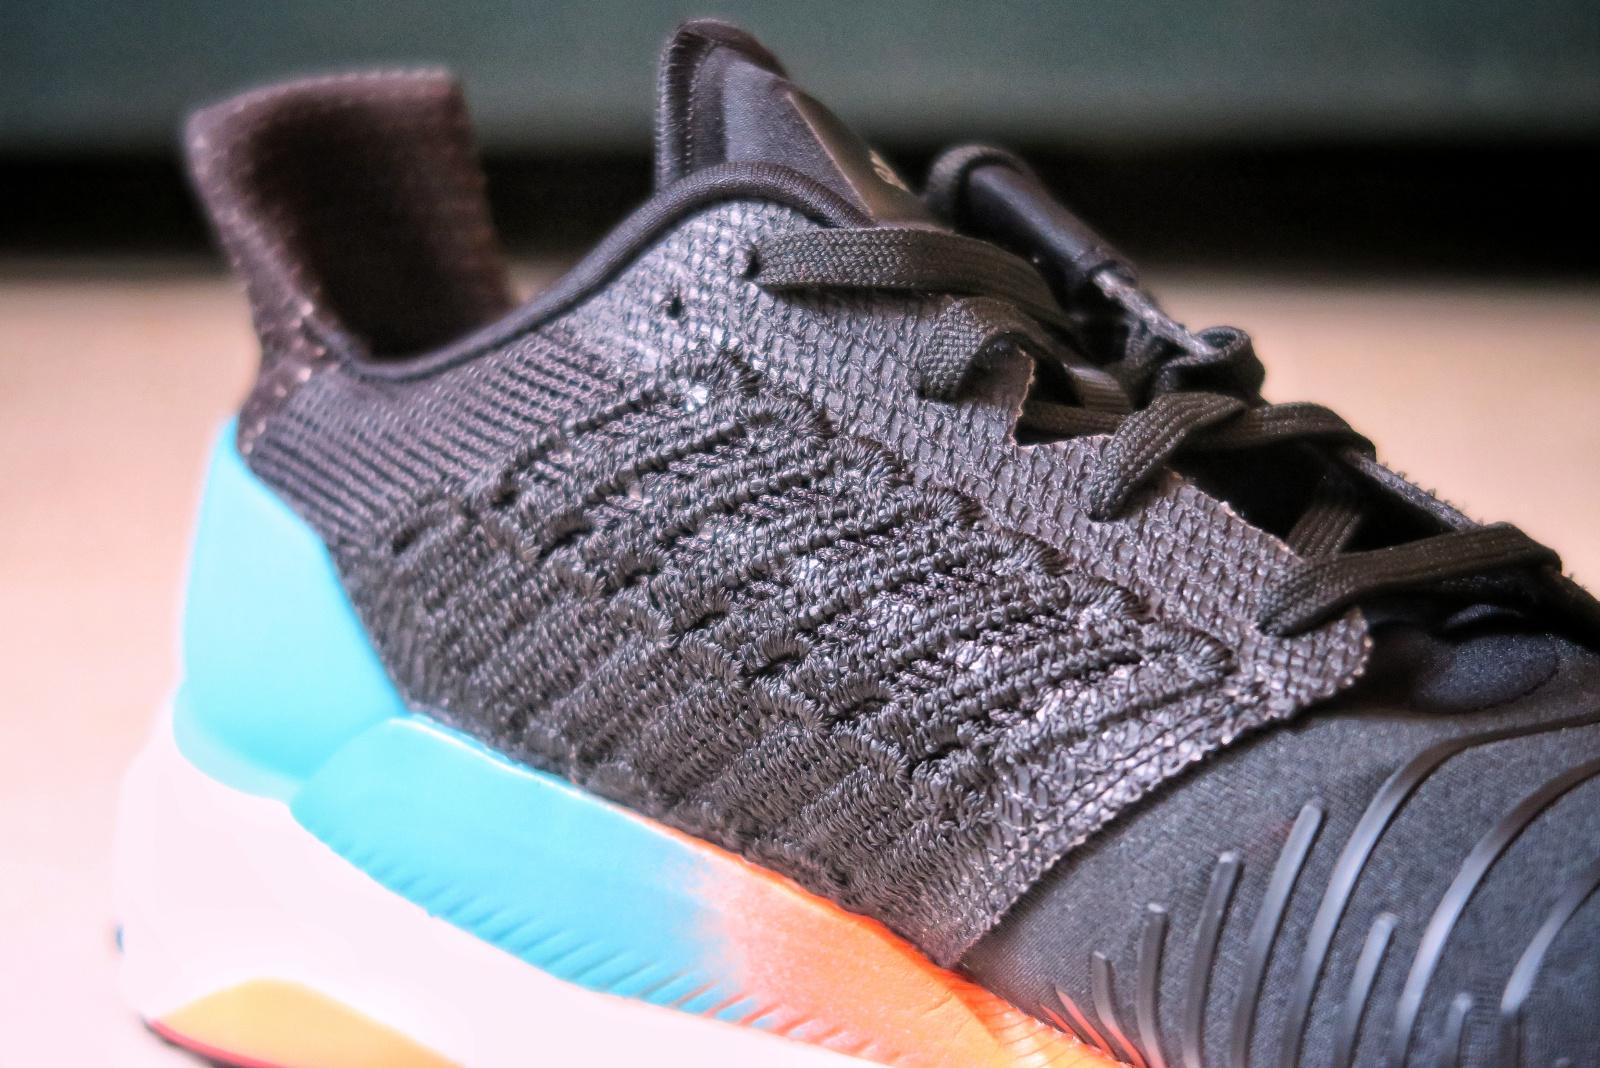 Adidas Solar Boost vue du côté avec un zoom sur le tissu utilisé